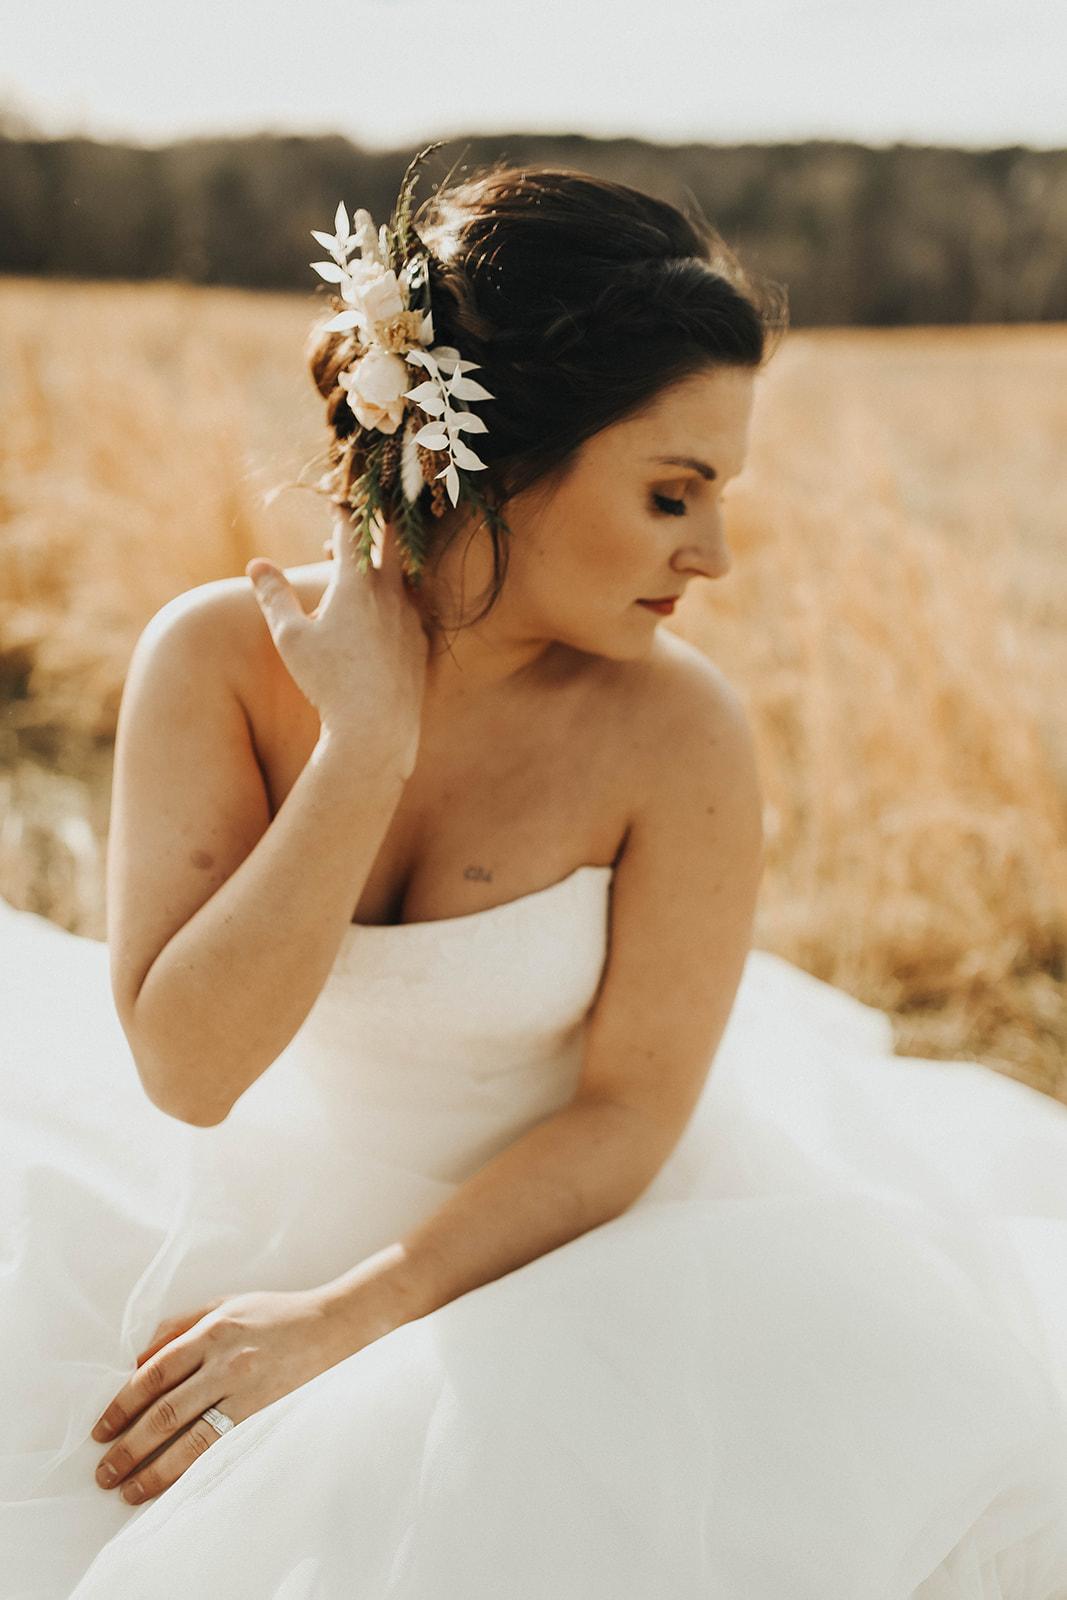 Wedded Kiss Beauty